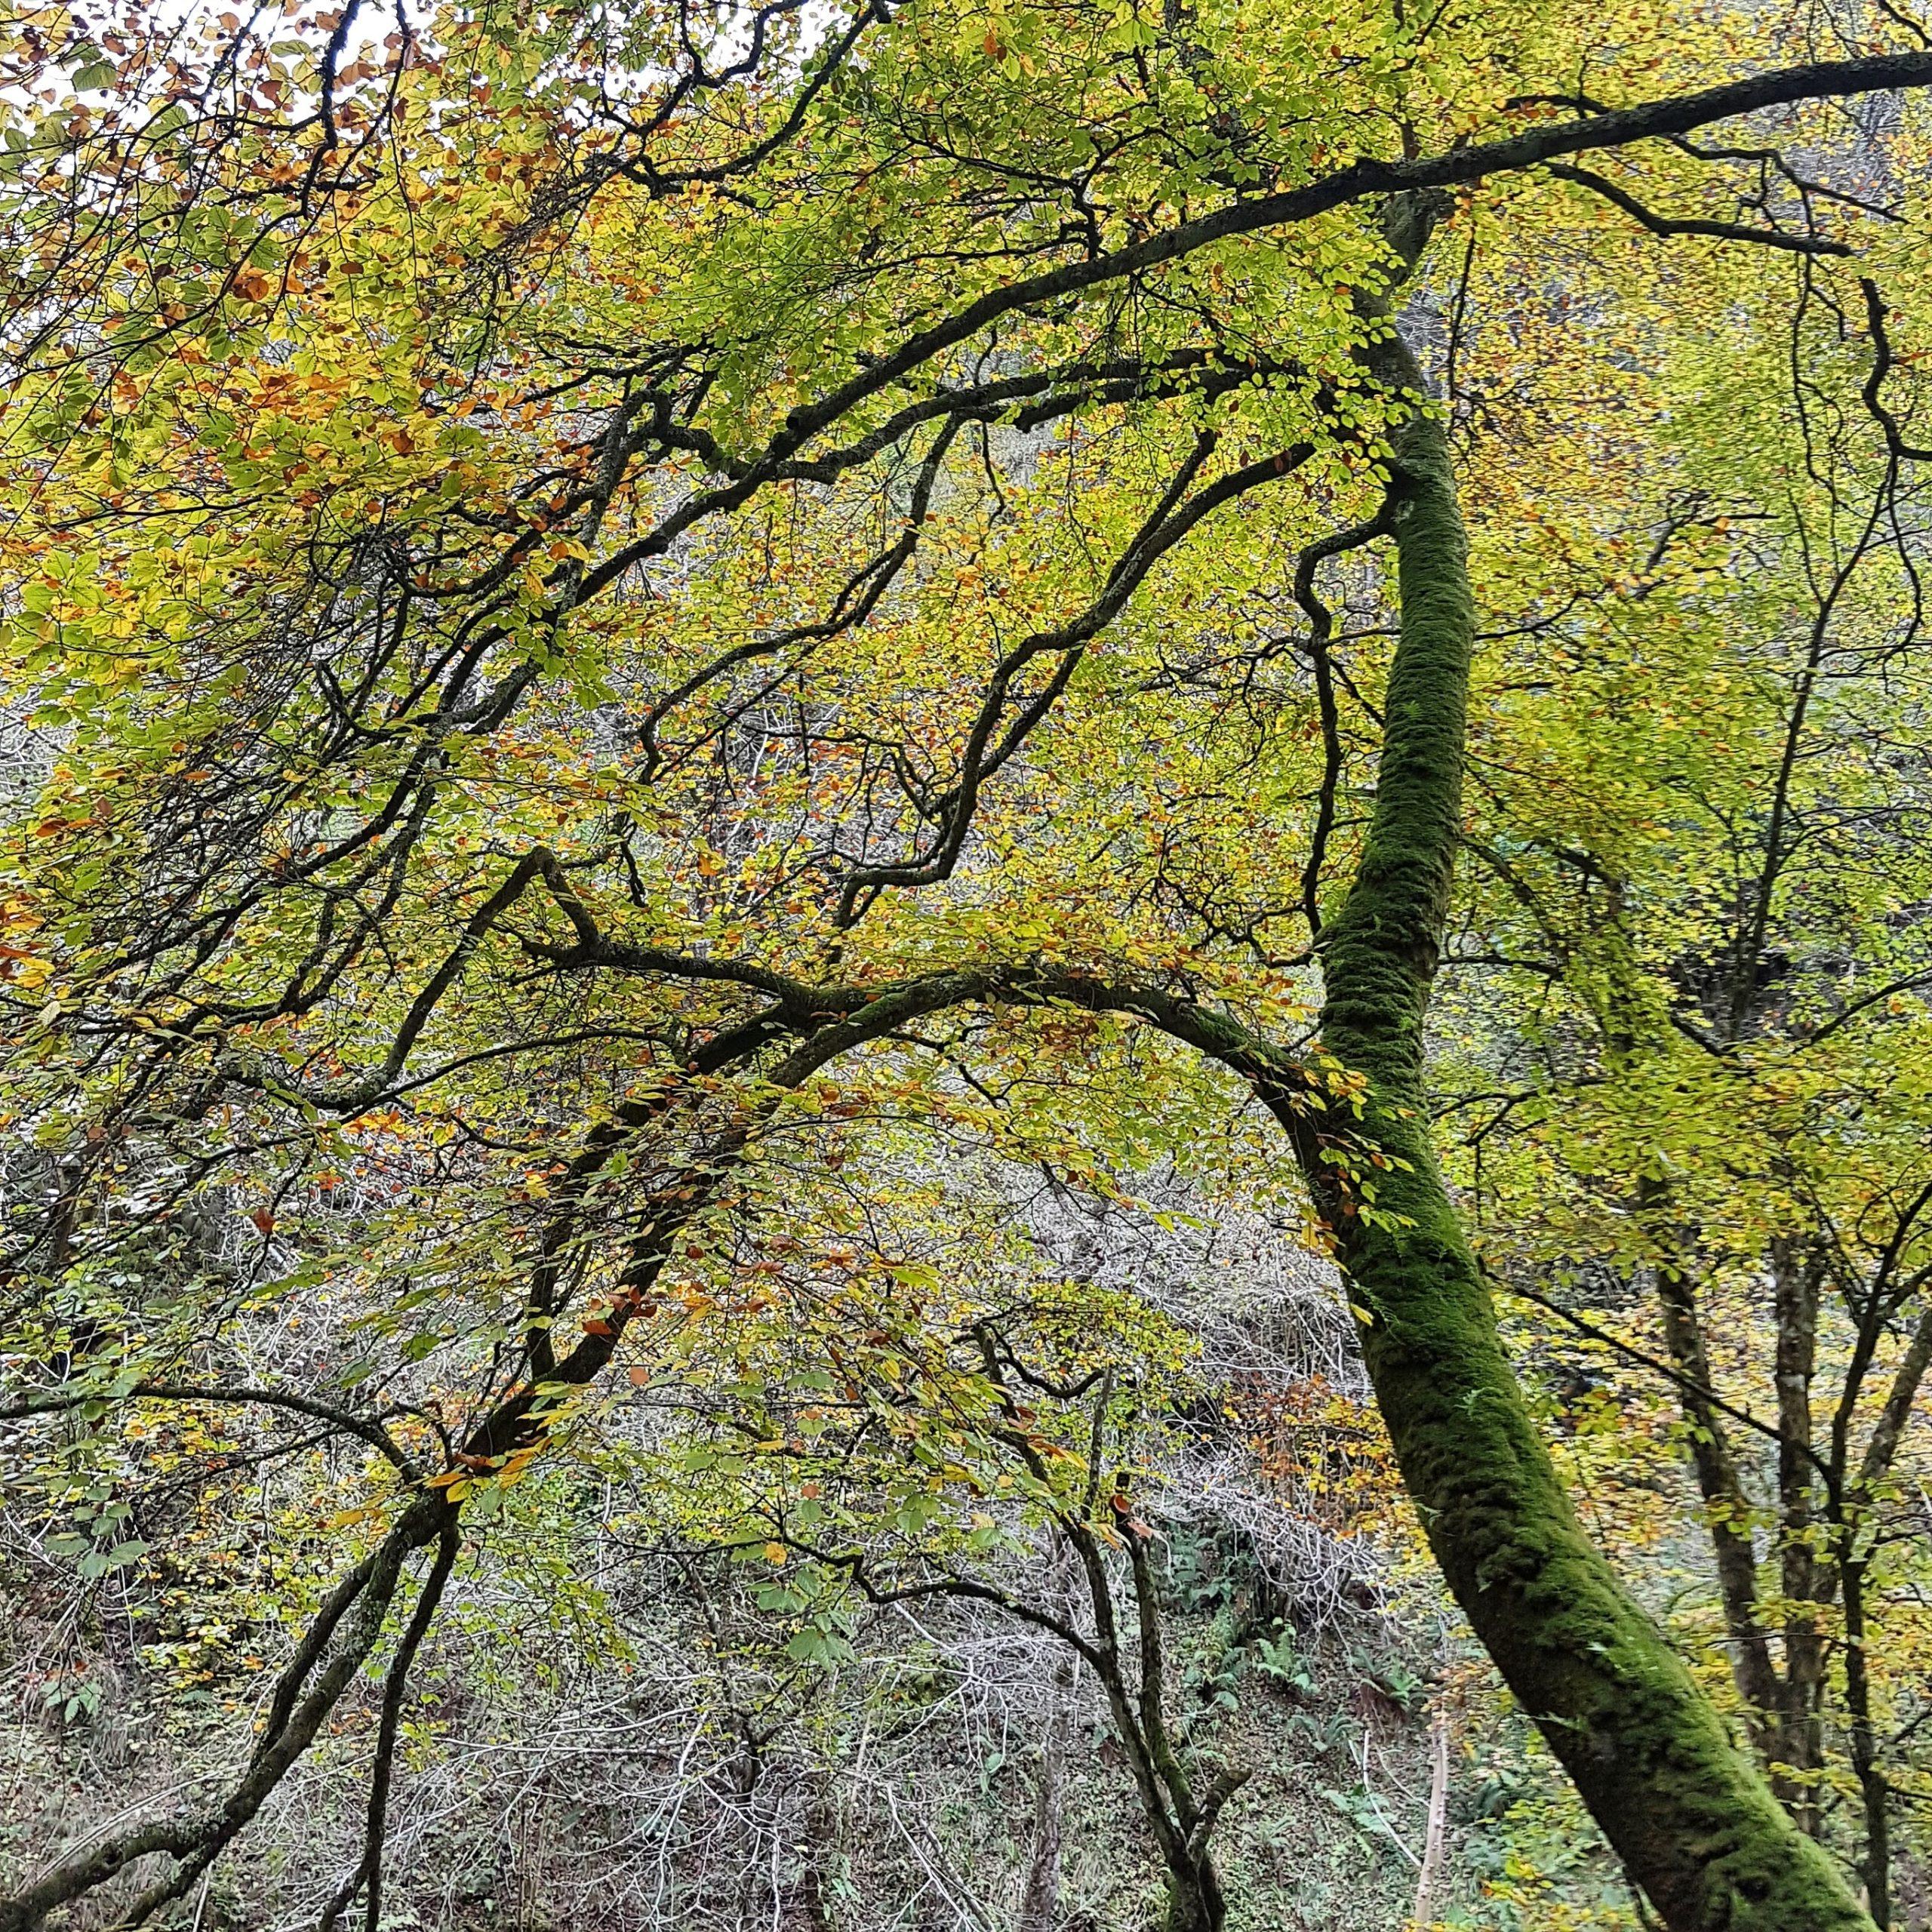 Autumn Leaves in Asturias